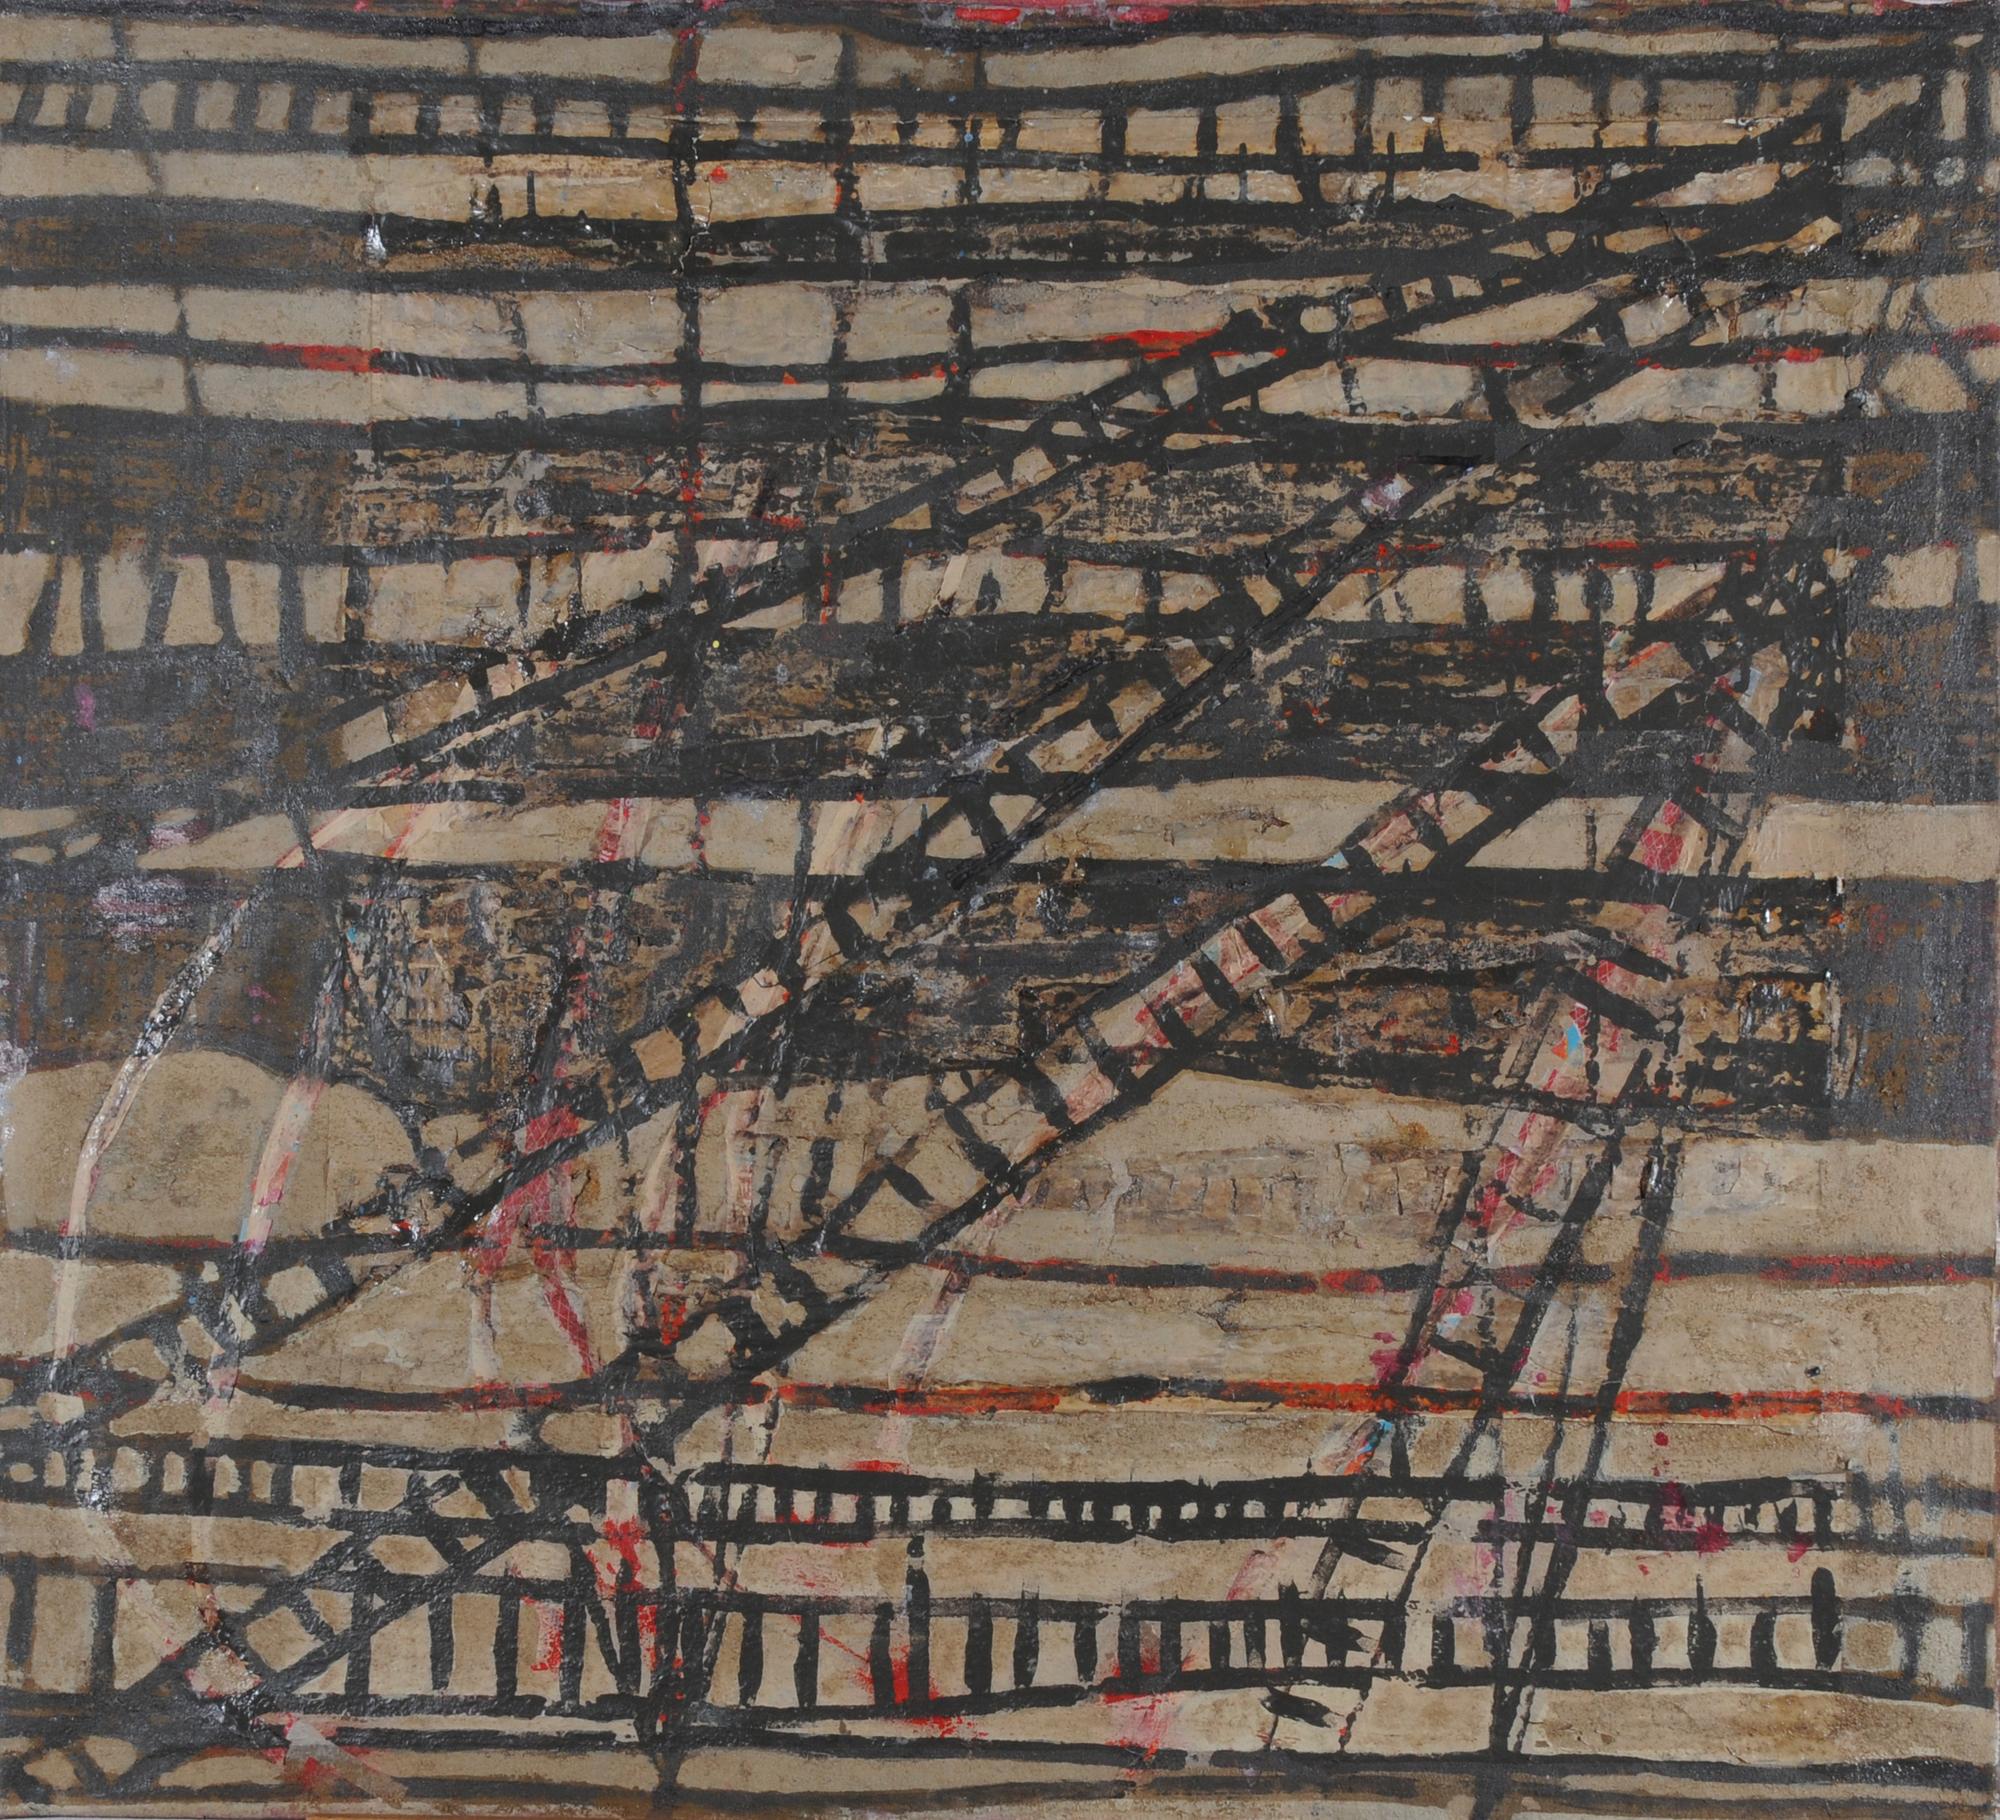 Meier Eugen, Tracks